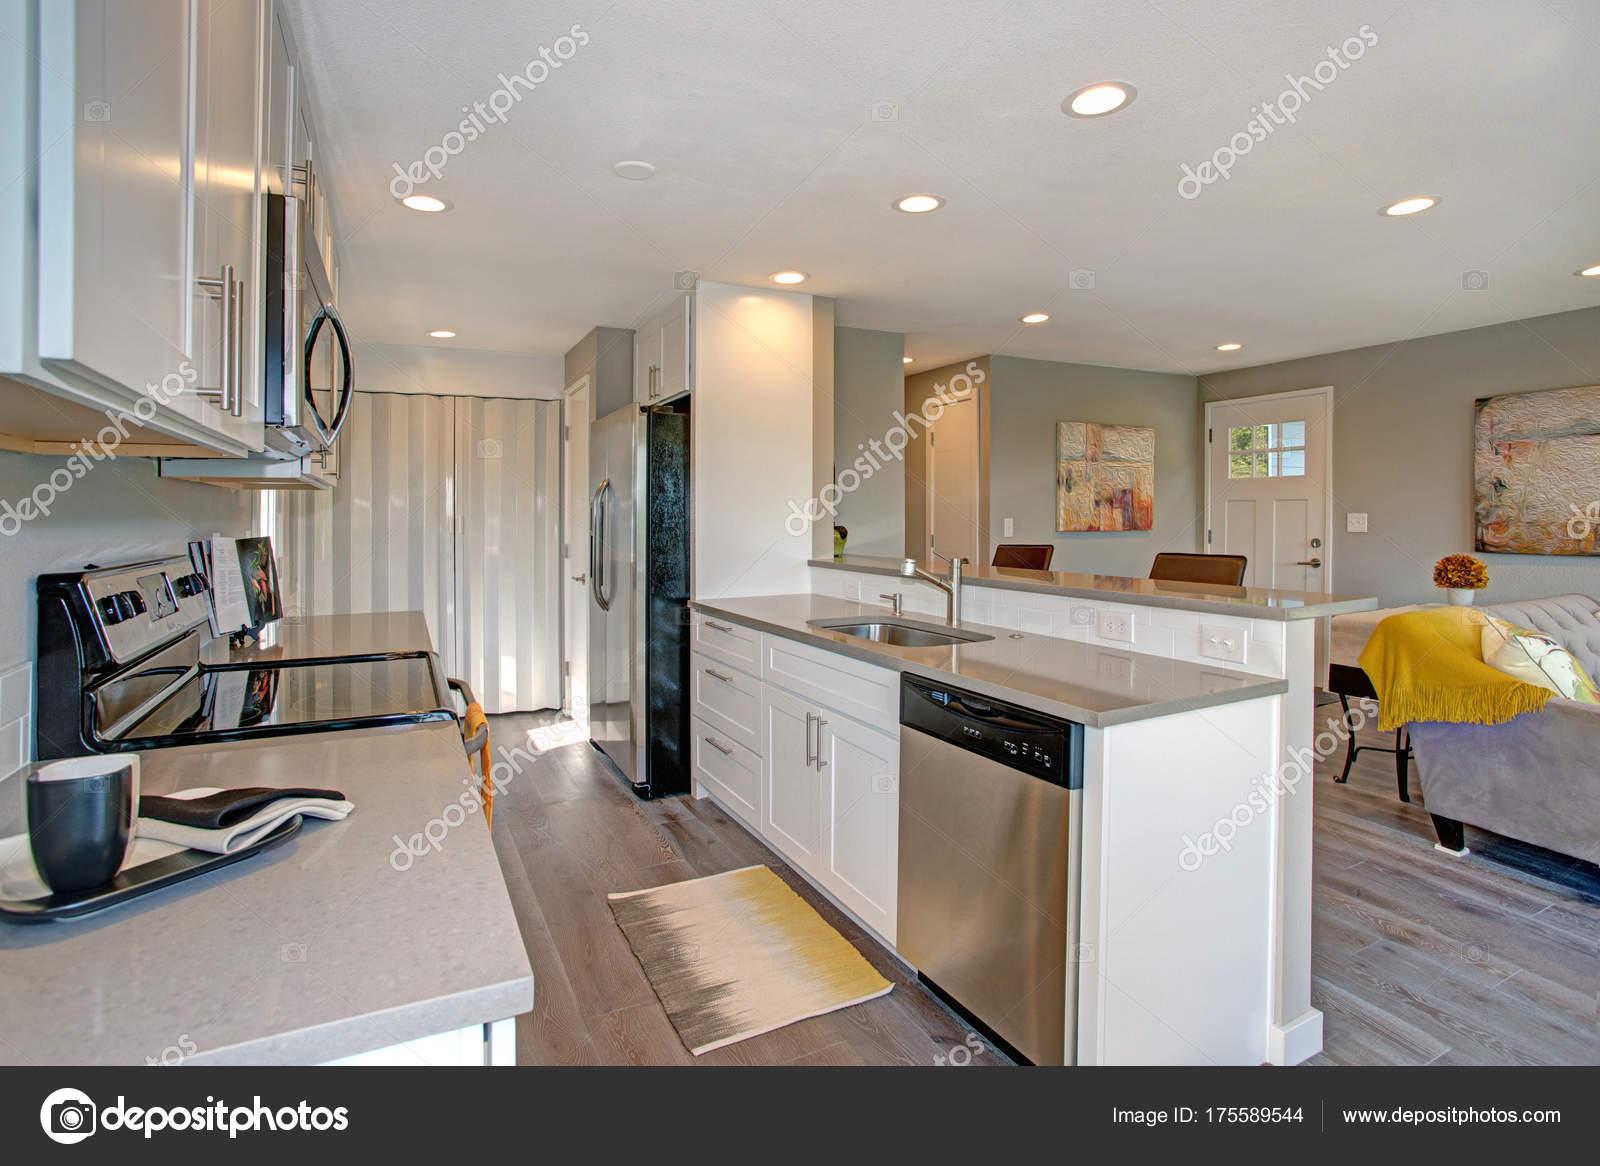 Leicht Gefüllte Küche Mit Edelstahl Geräte, Weiße Schränke, Garniert Mit  Quarz Zähler Und Hartholz Fußboden U2014 Foto Von Alabn